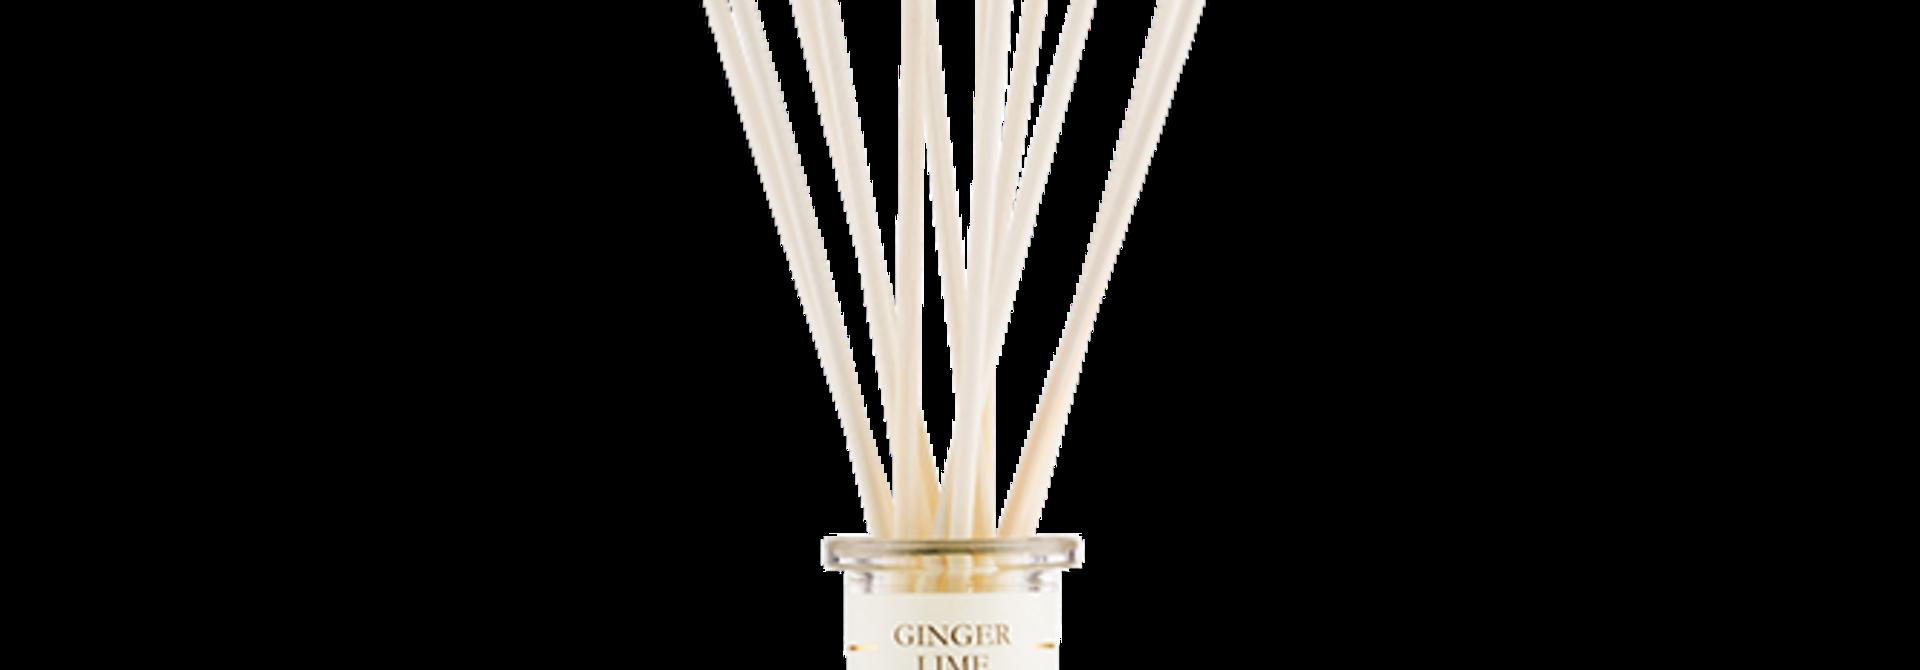 DR VRANJES - Diffuser Ginger Lime 500ml